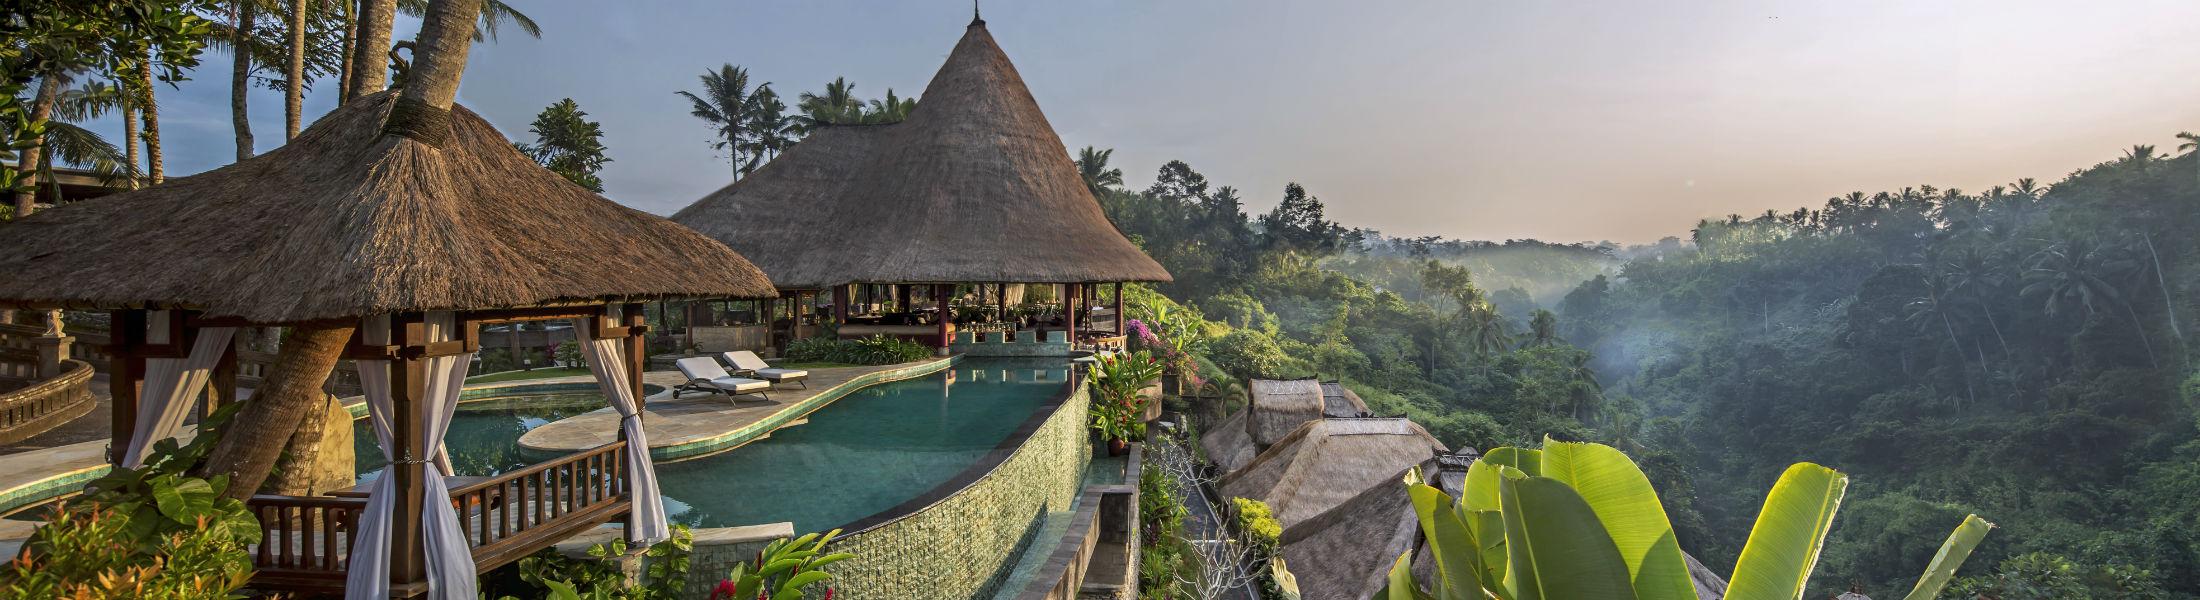 Sunrise at Viceroy Bali at the Viceroy bali